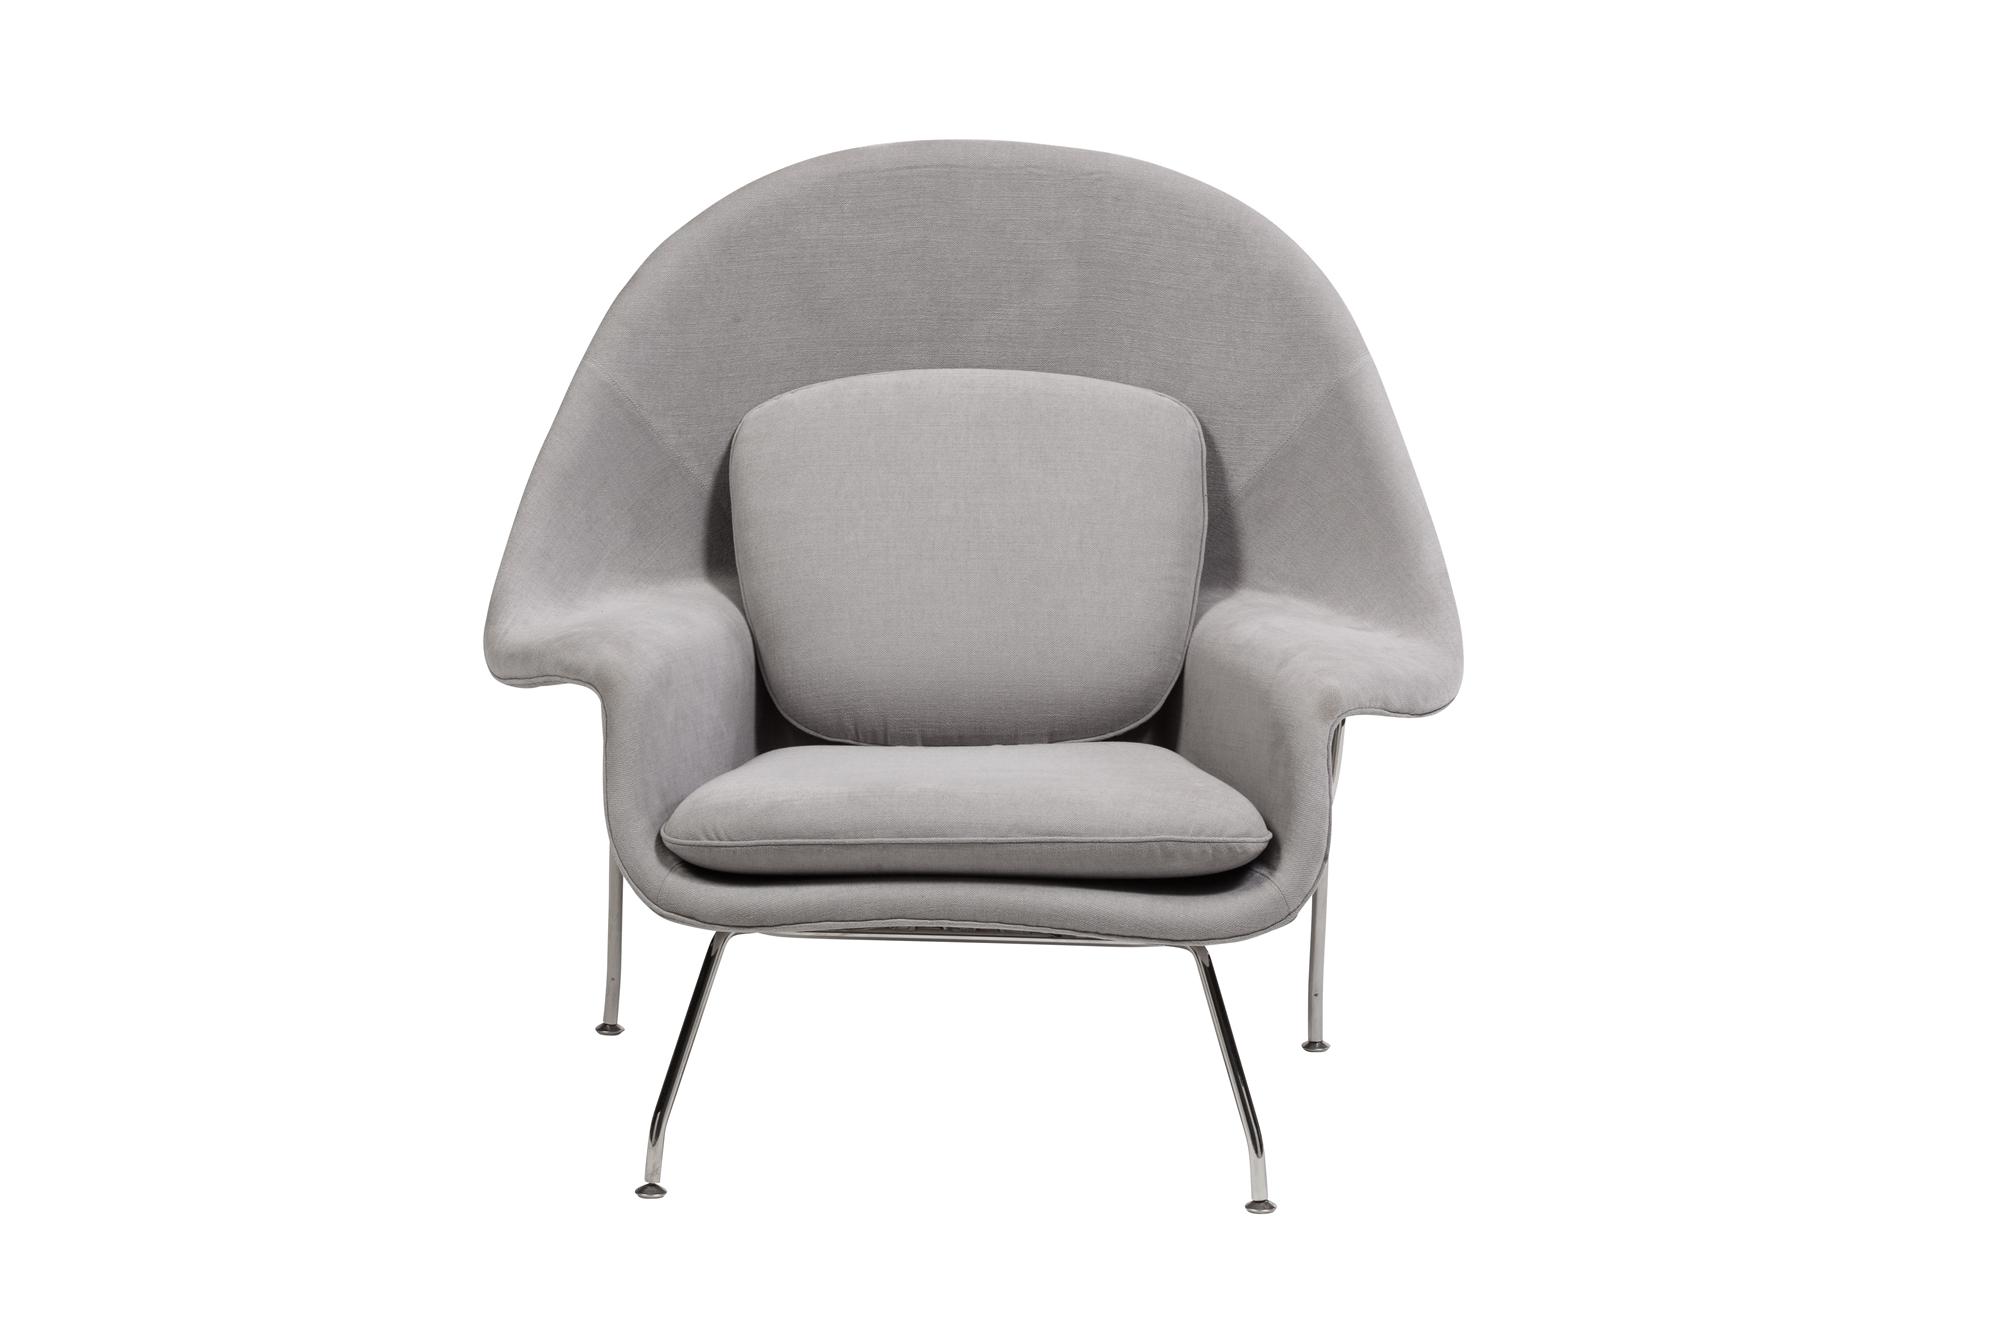 Outstanding Womb Inspired Chair Light Grey Inzonedesignstudio Interior Chair Design Inzonedesignstudiocom